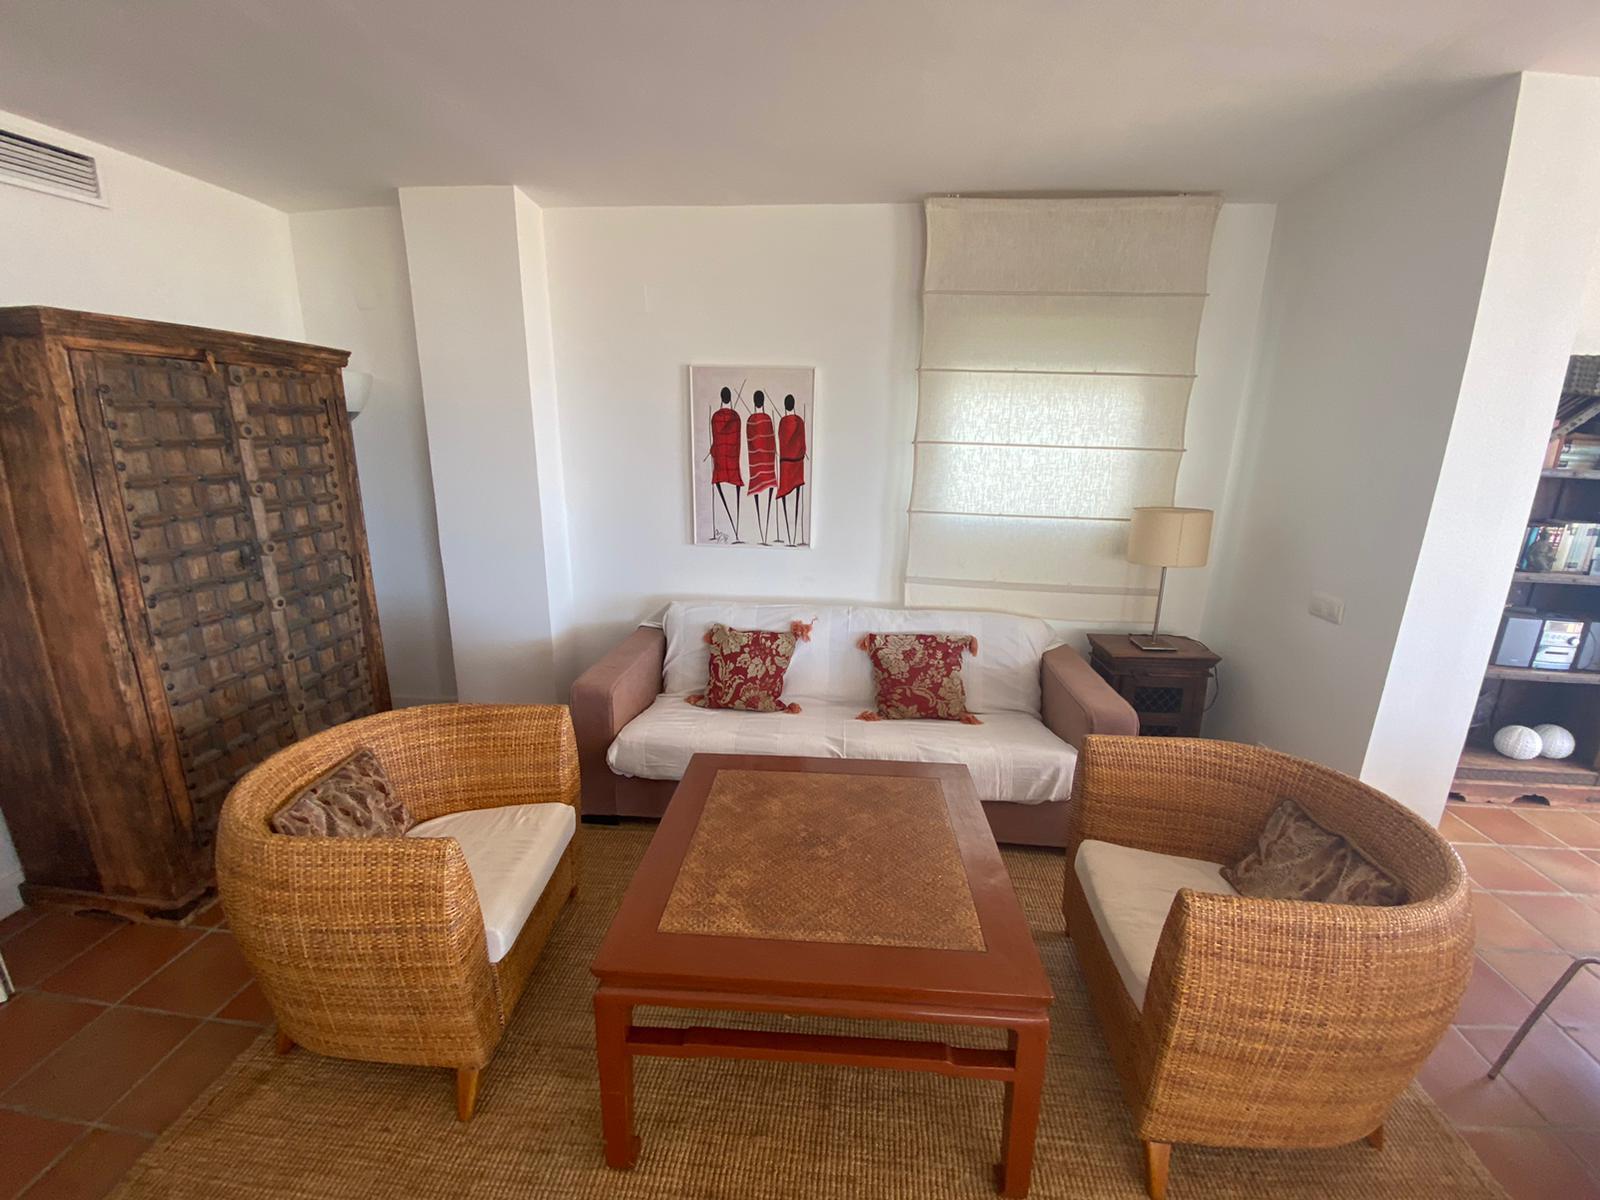 Imagen 2 del Apartamento Turístico, Ático 3 Levante, Frontal (4d+2b), Punta del Moral (HUELVA), Paseo de la Cruz nº22